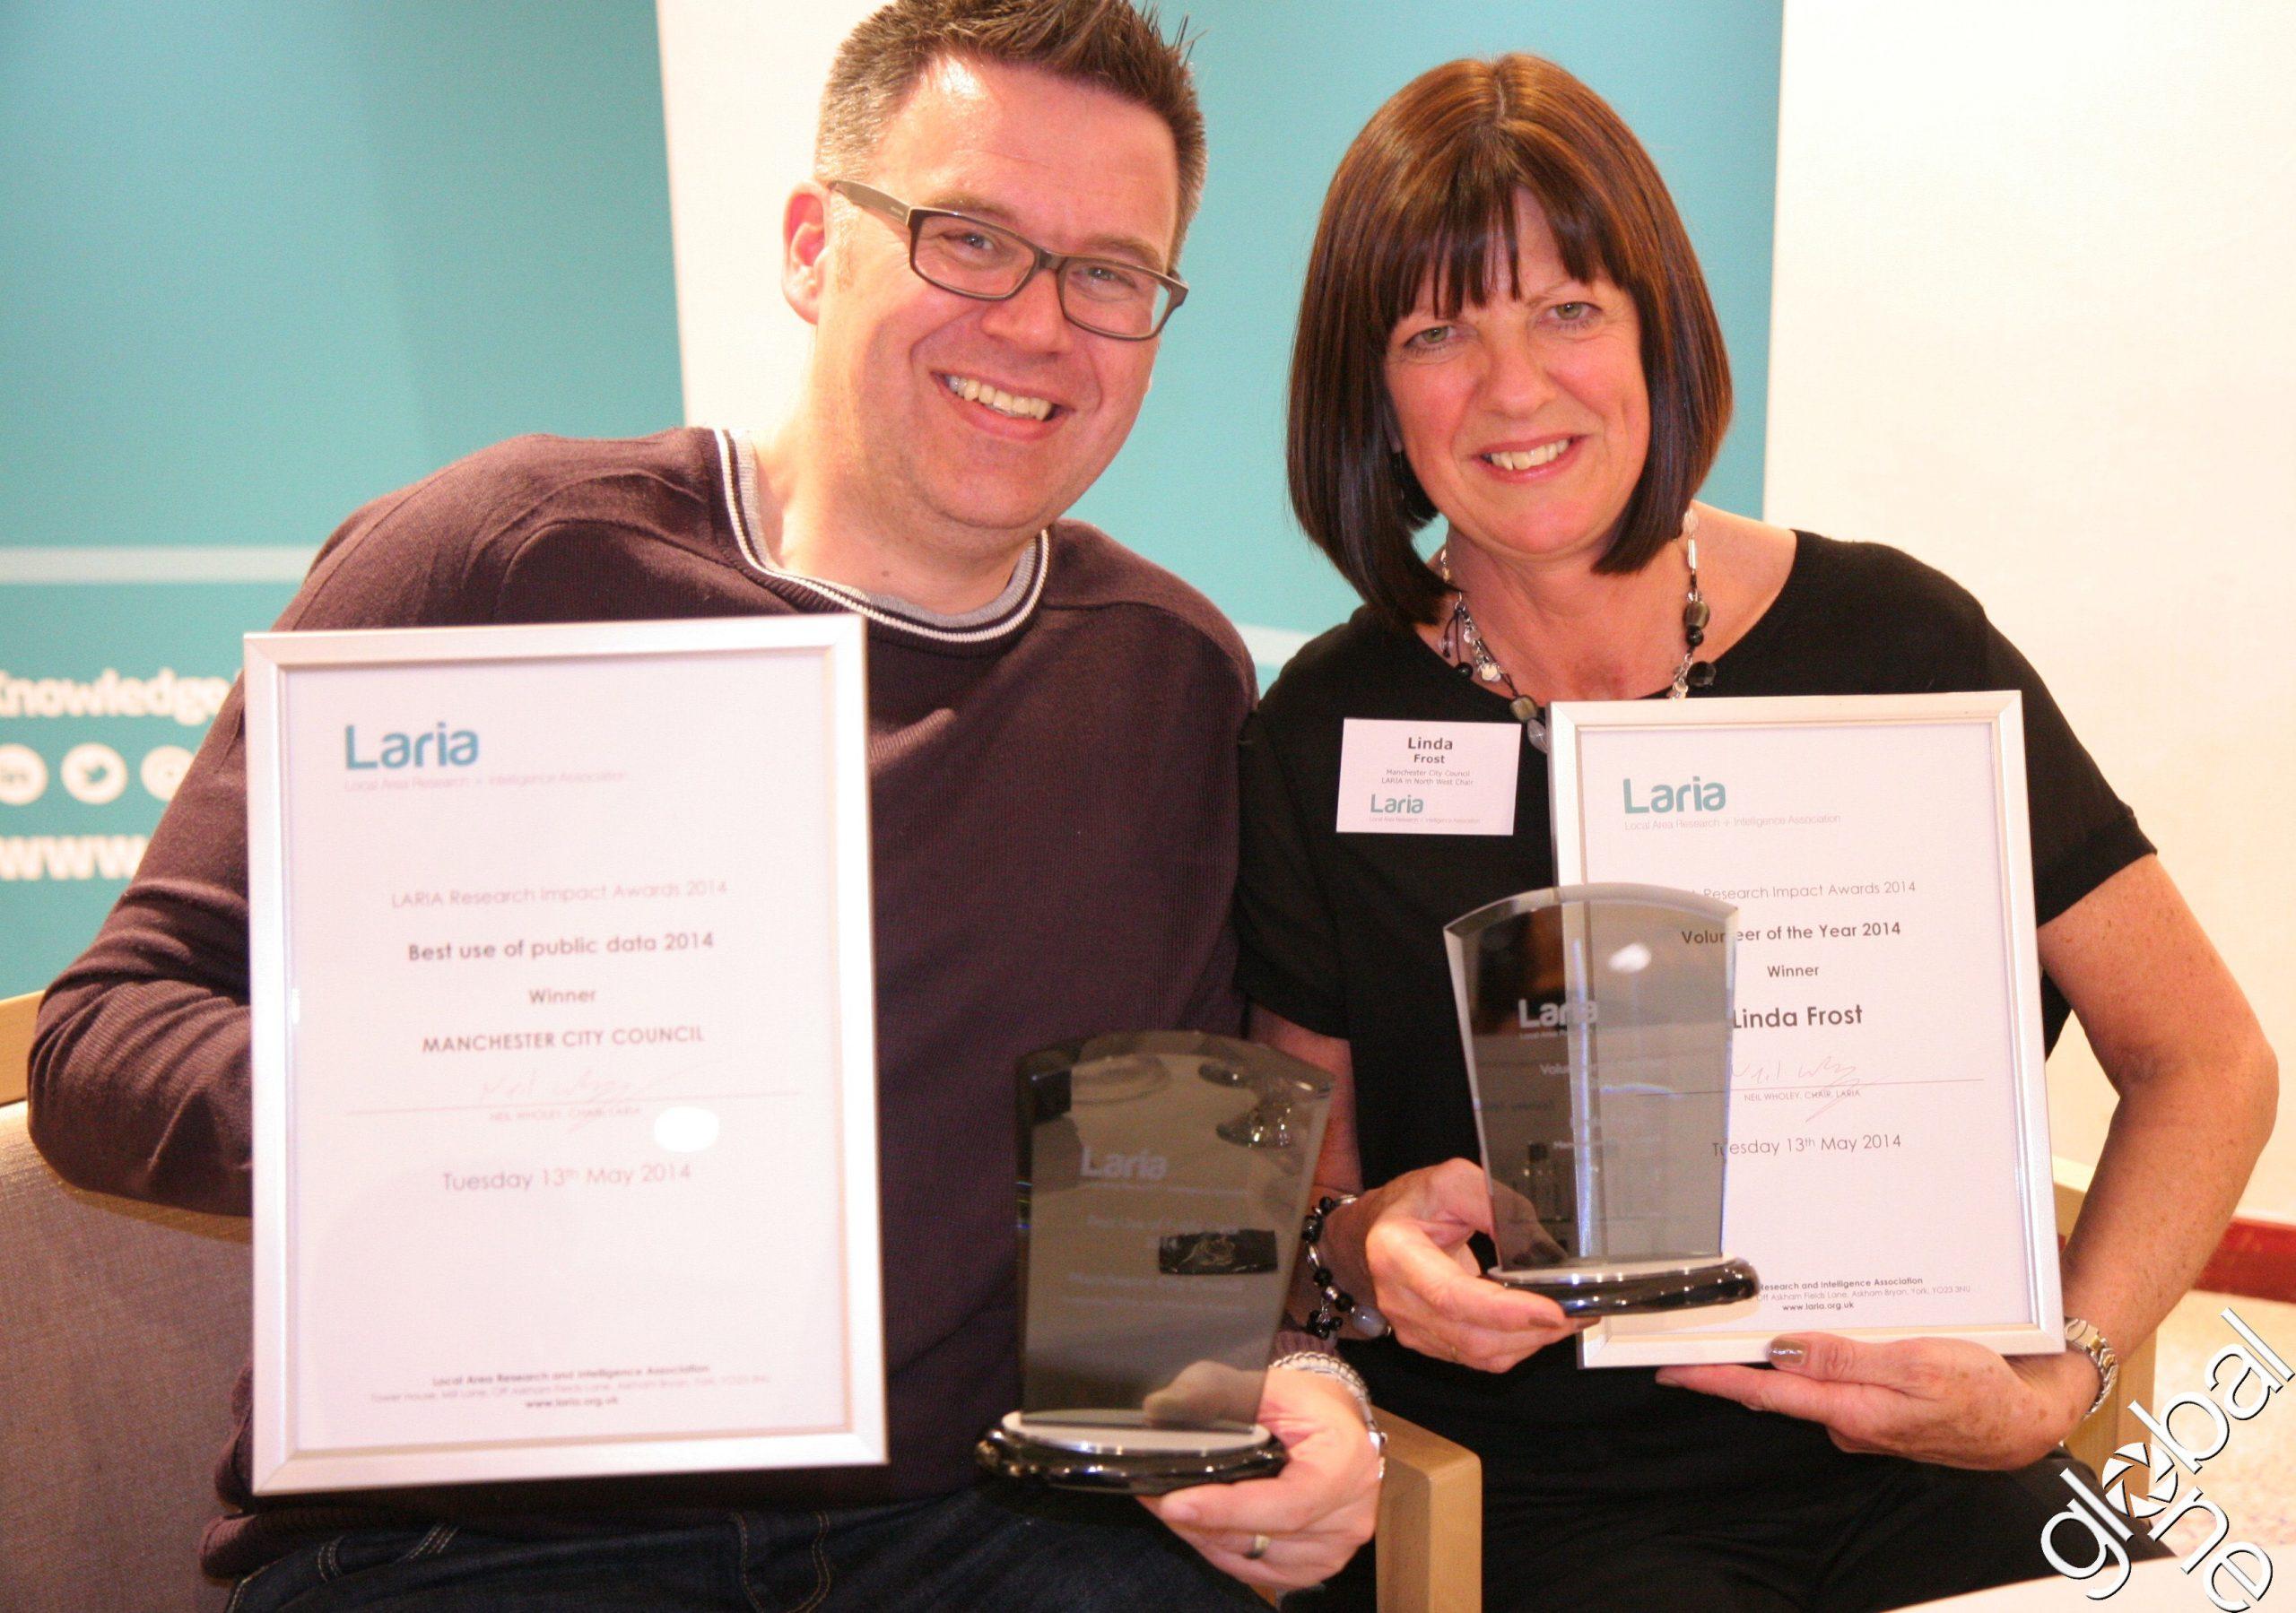 LARIA Award Winners